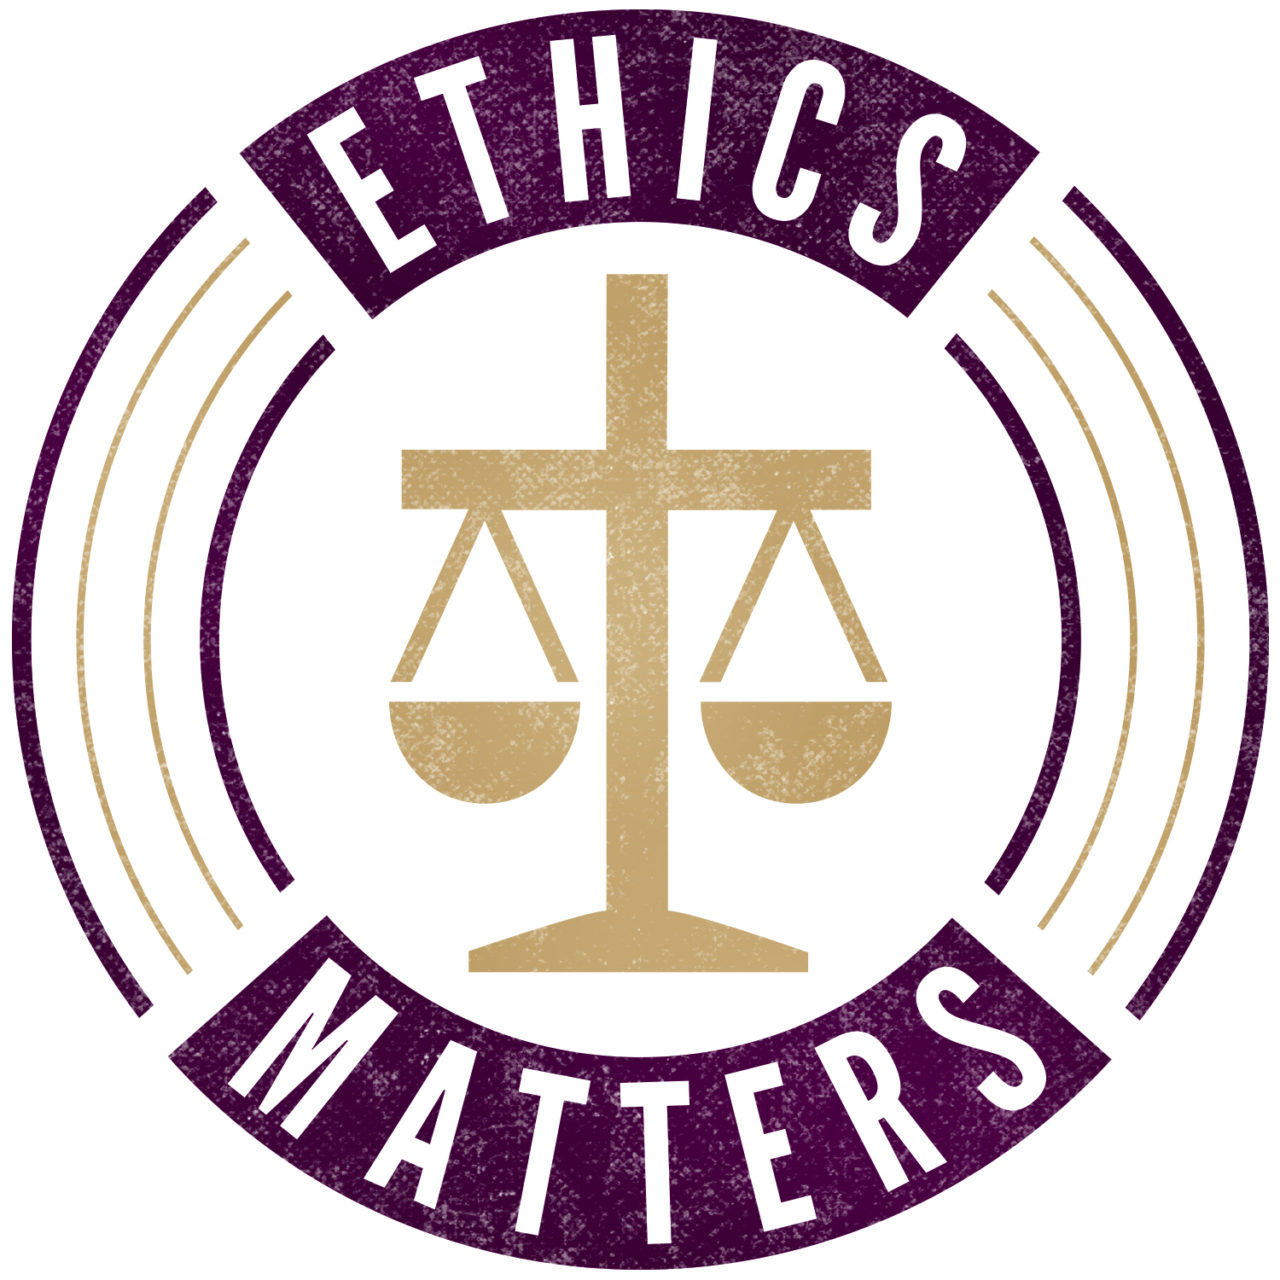 Loras Ethics